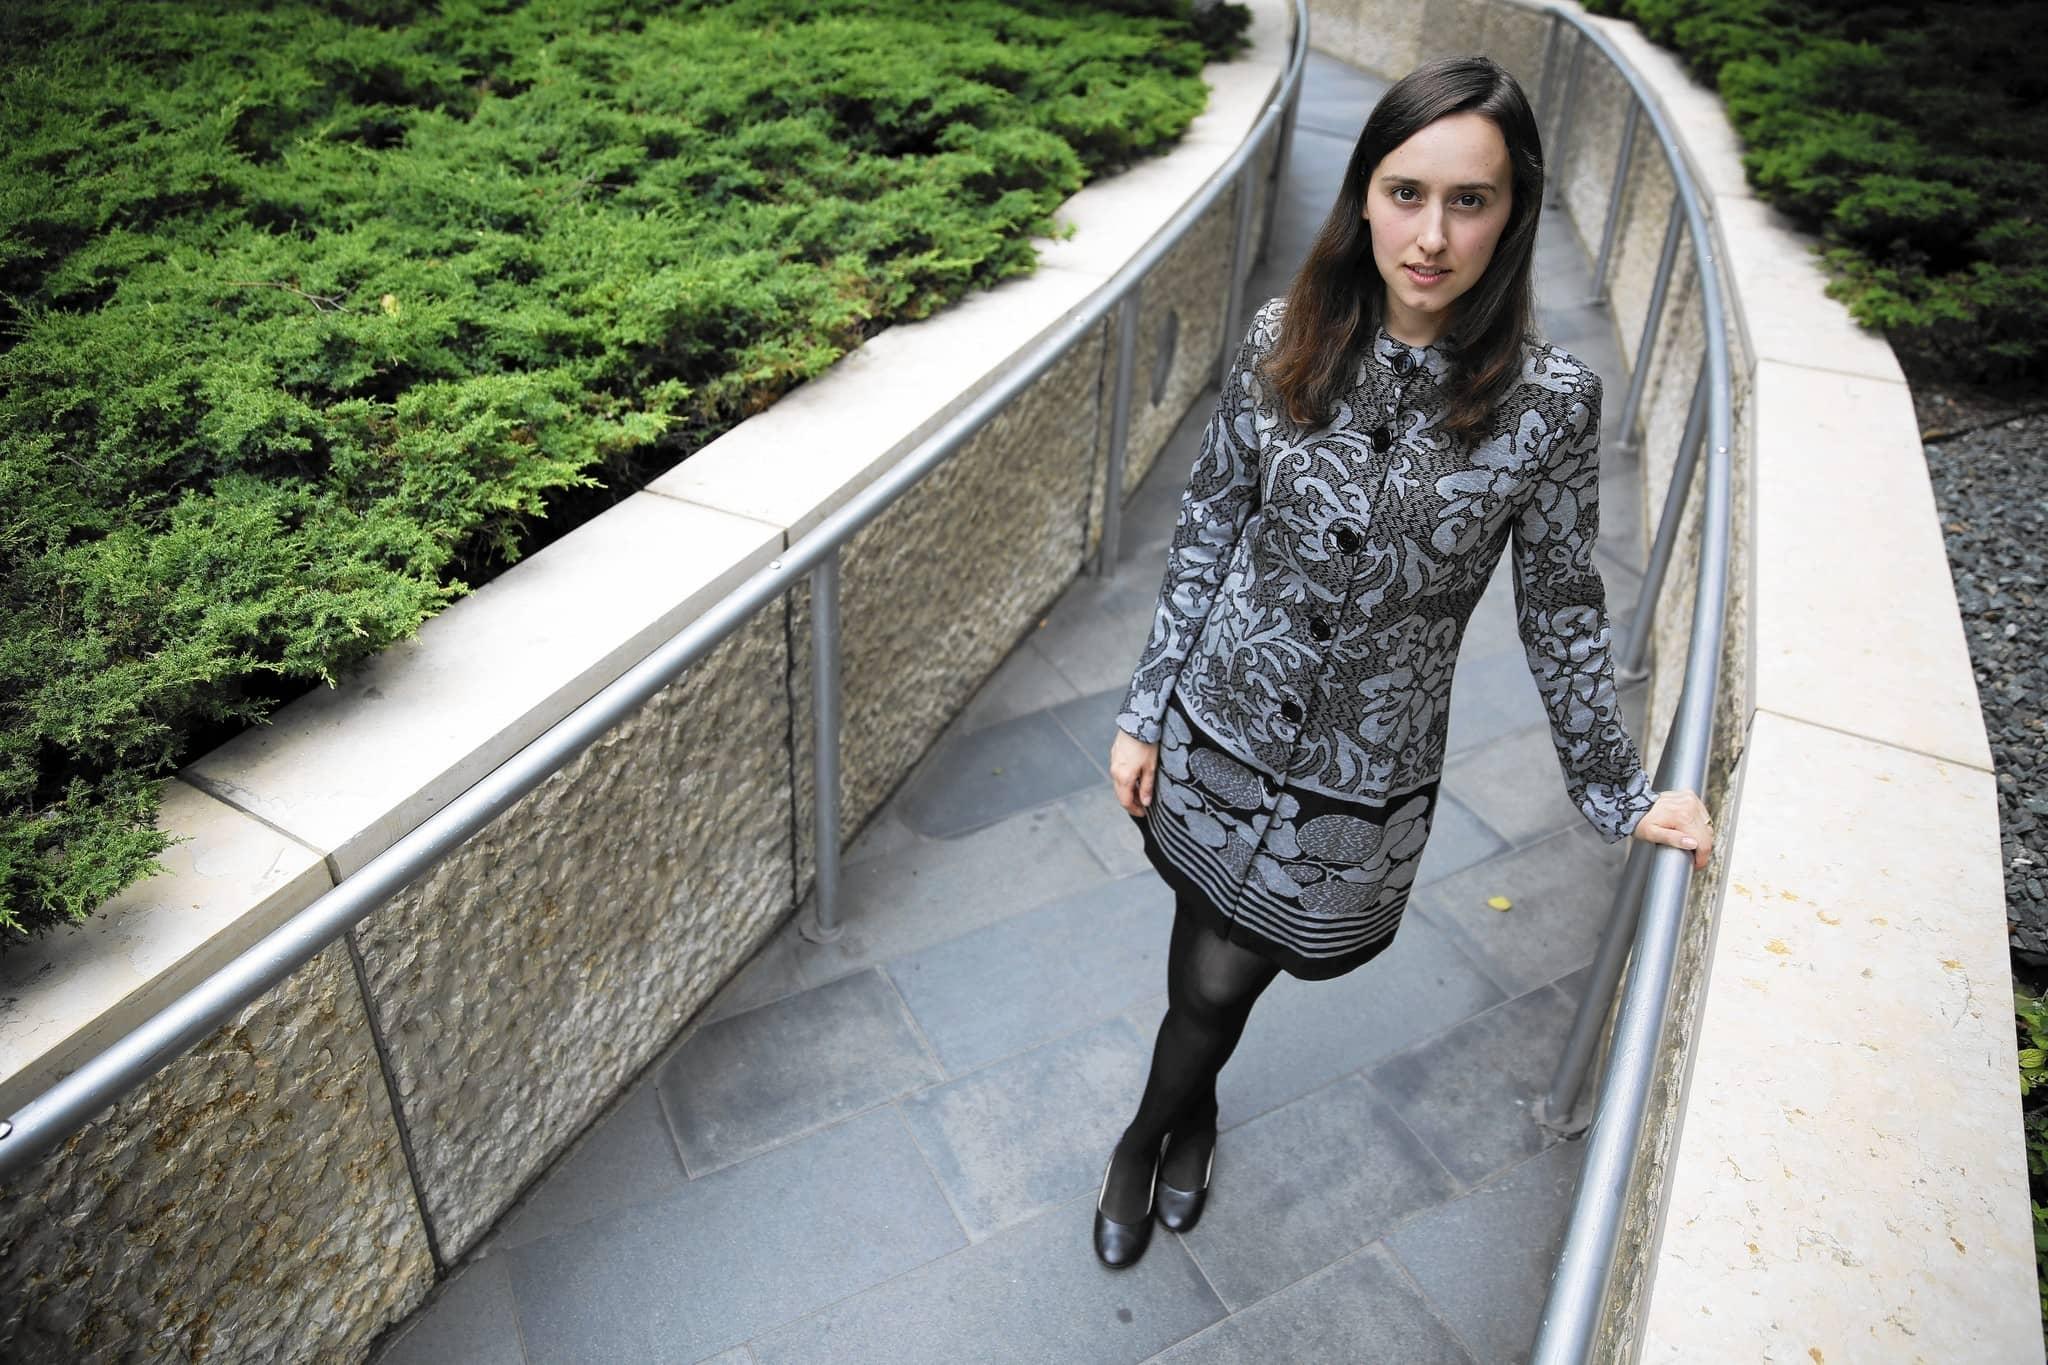 Sabrina Gonzalez Pasterski the Harvard scholar Einstein of today